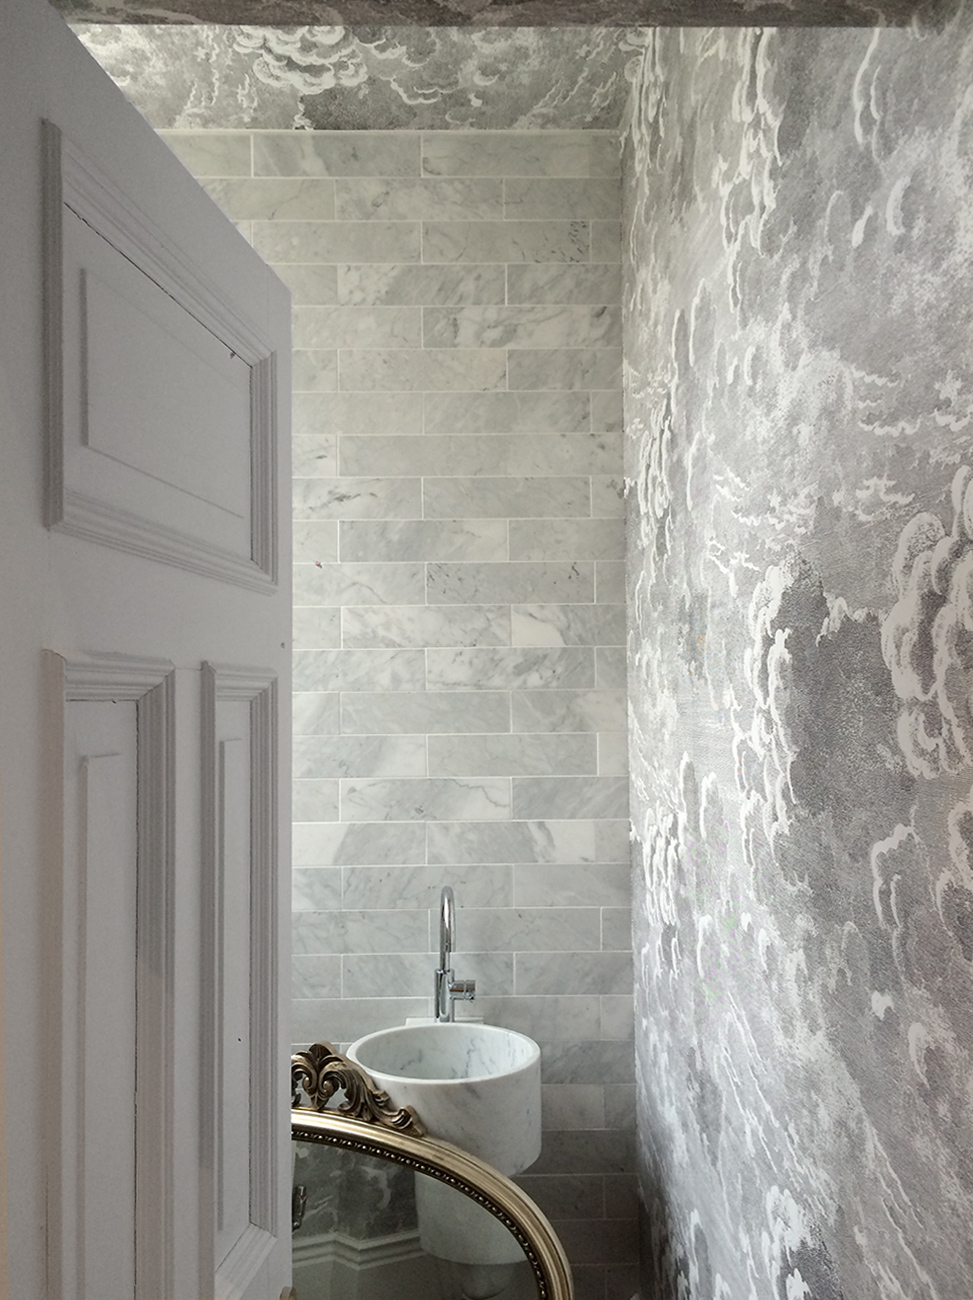 Studio milo brings italian interior design to gosforth for Interior design studio uk